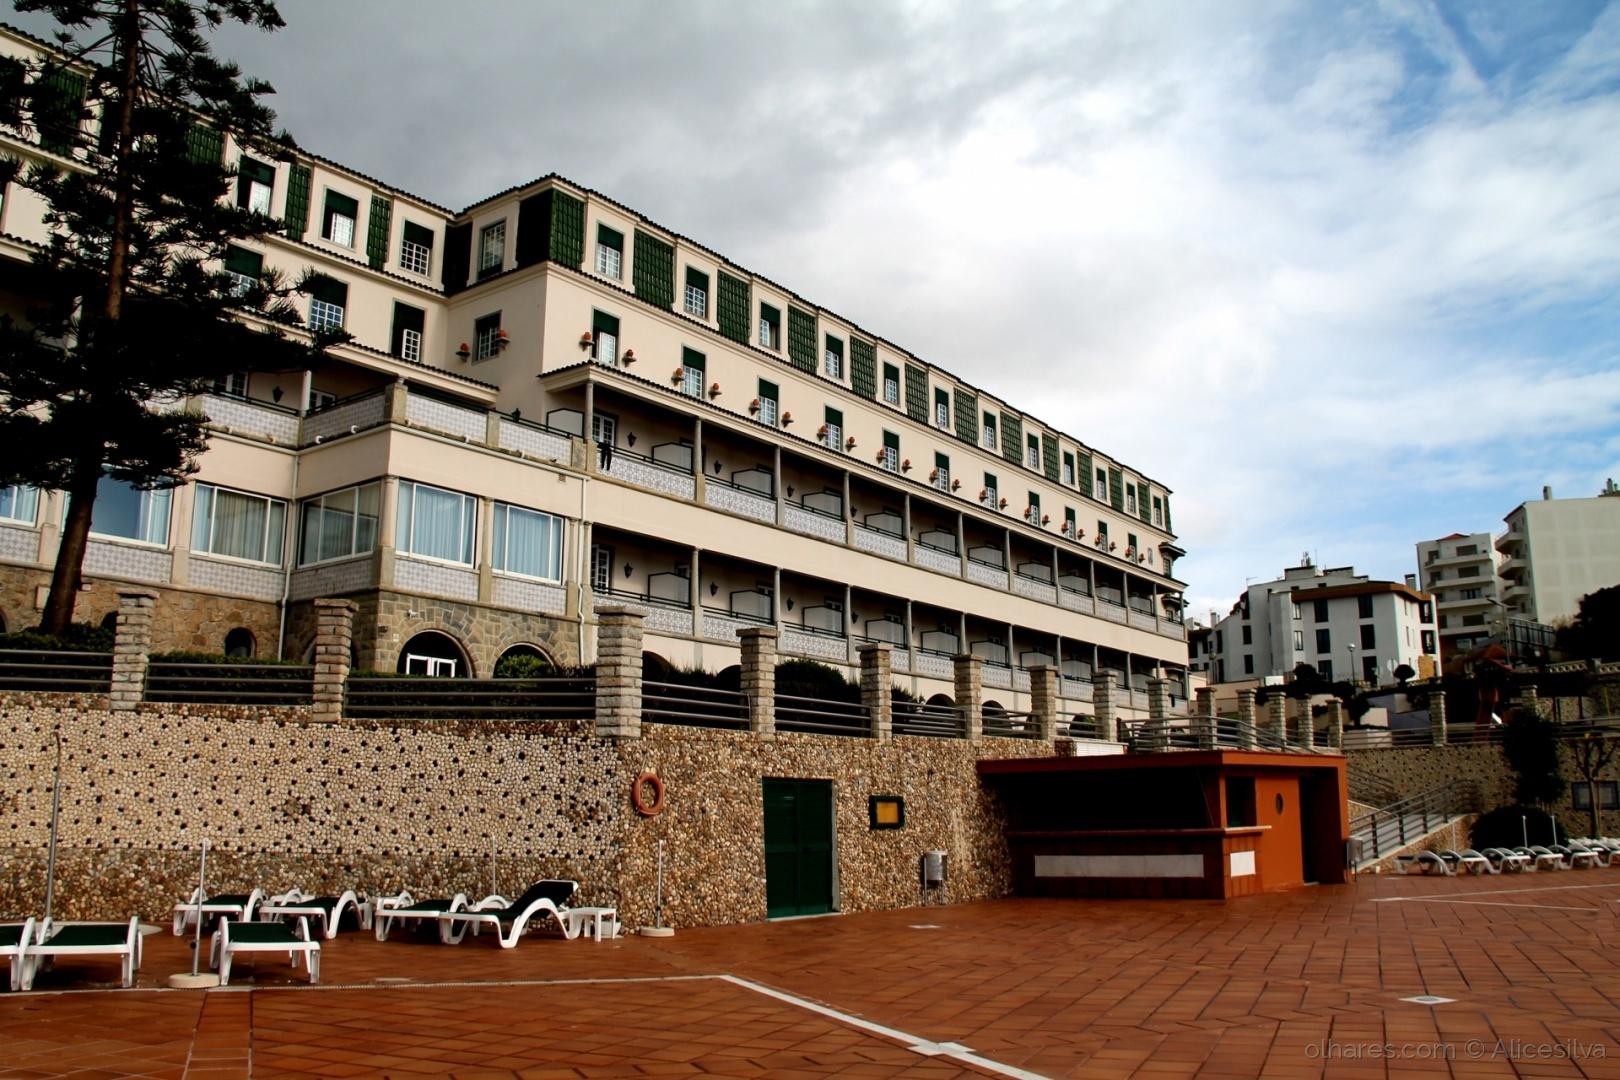 Paisagem Urbana/Hotel Vila Galé...............